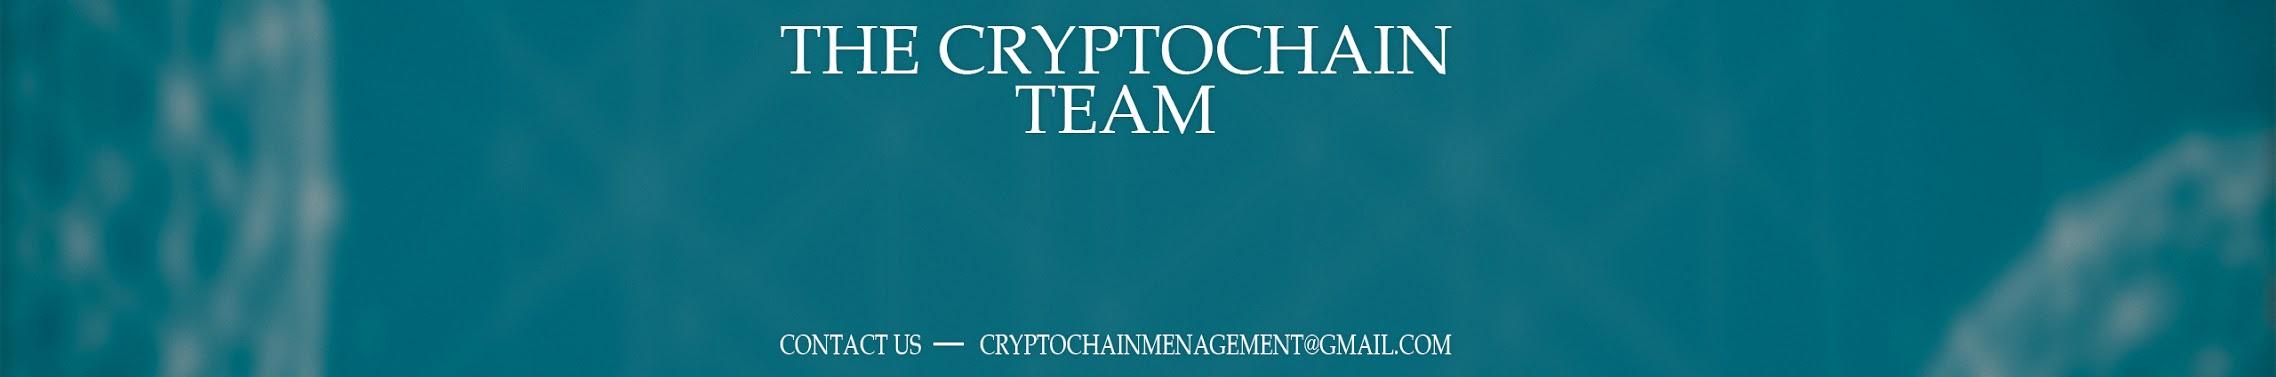 The Cryptochain Team